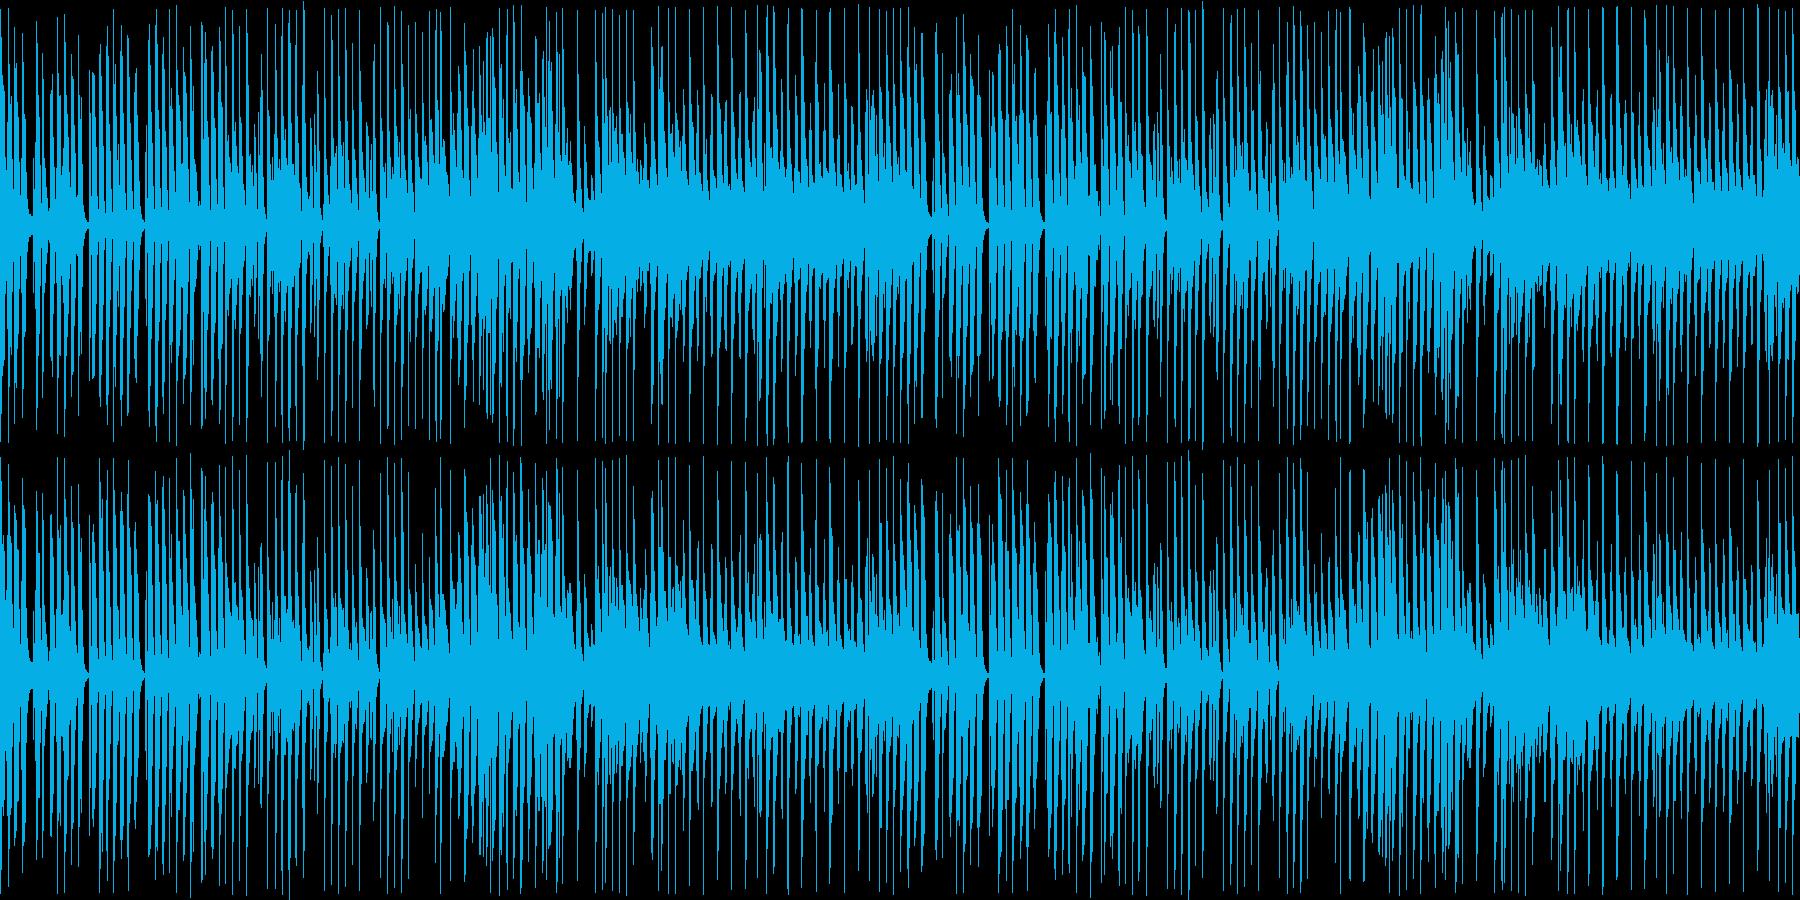 【ロック/プログレ/JAZZ/ピアノ】の再生済みの波形